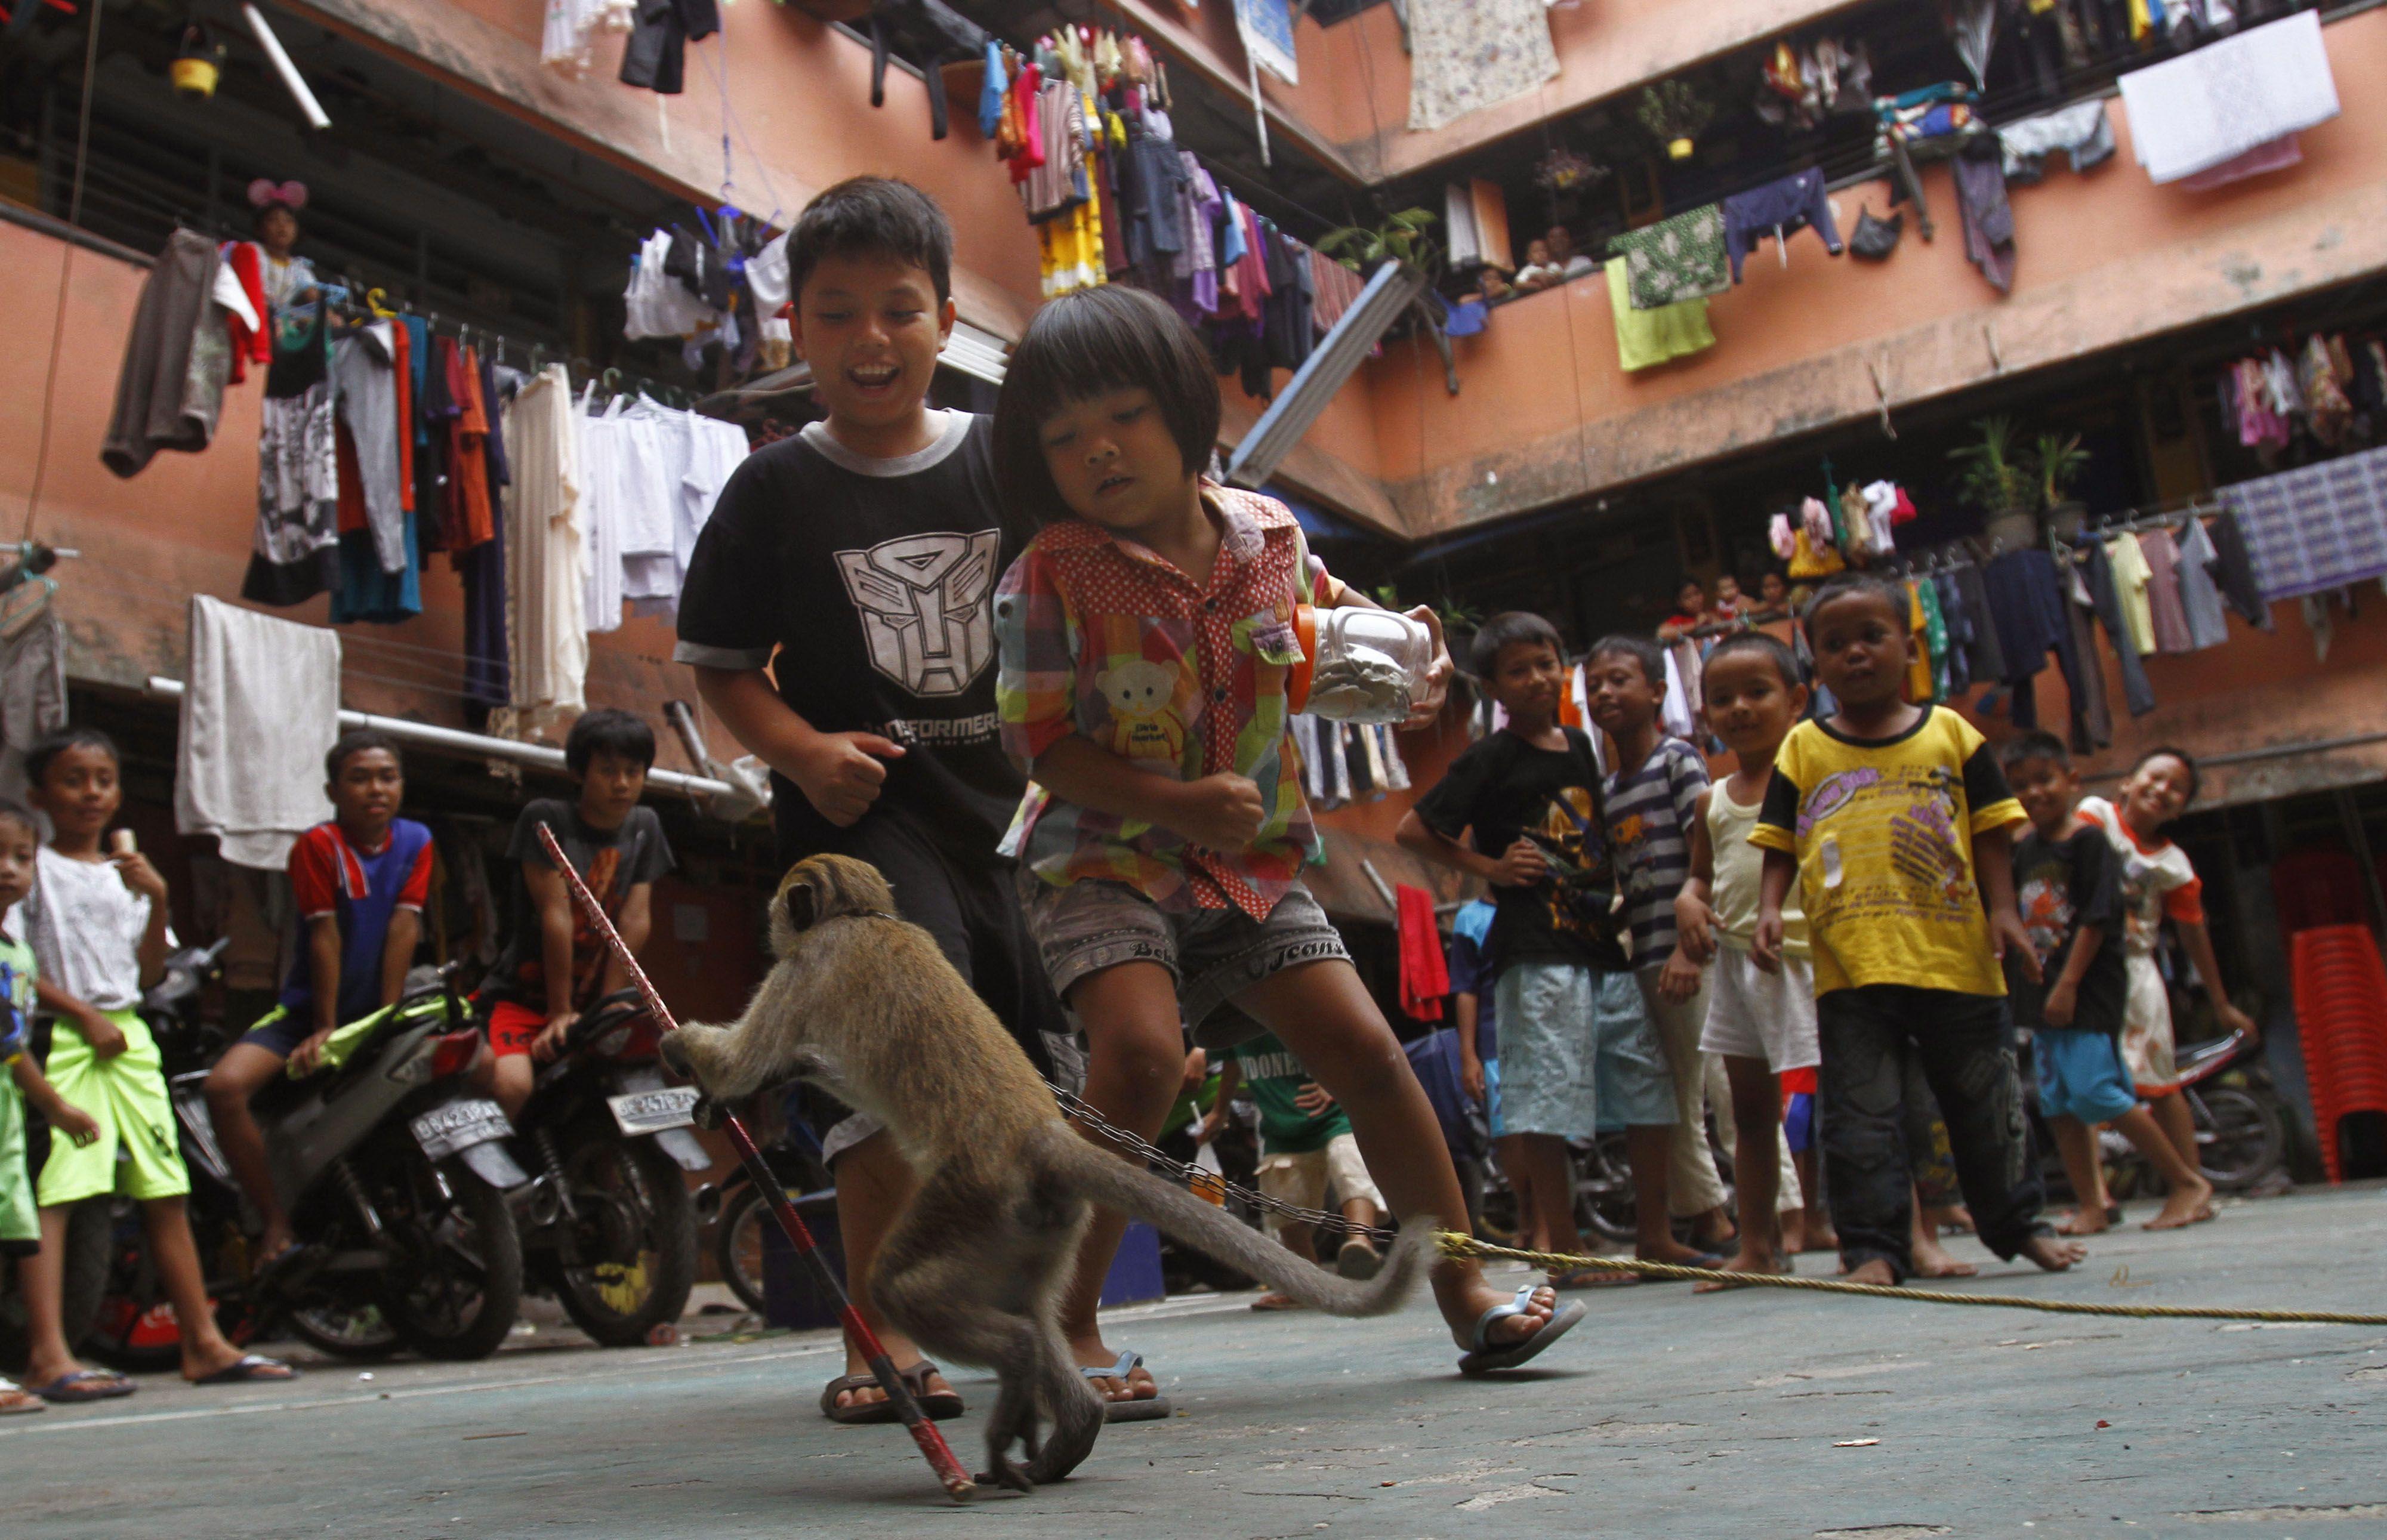 Jakarta Slum Indonesia Garbage Gatherers